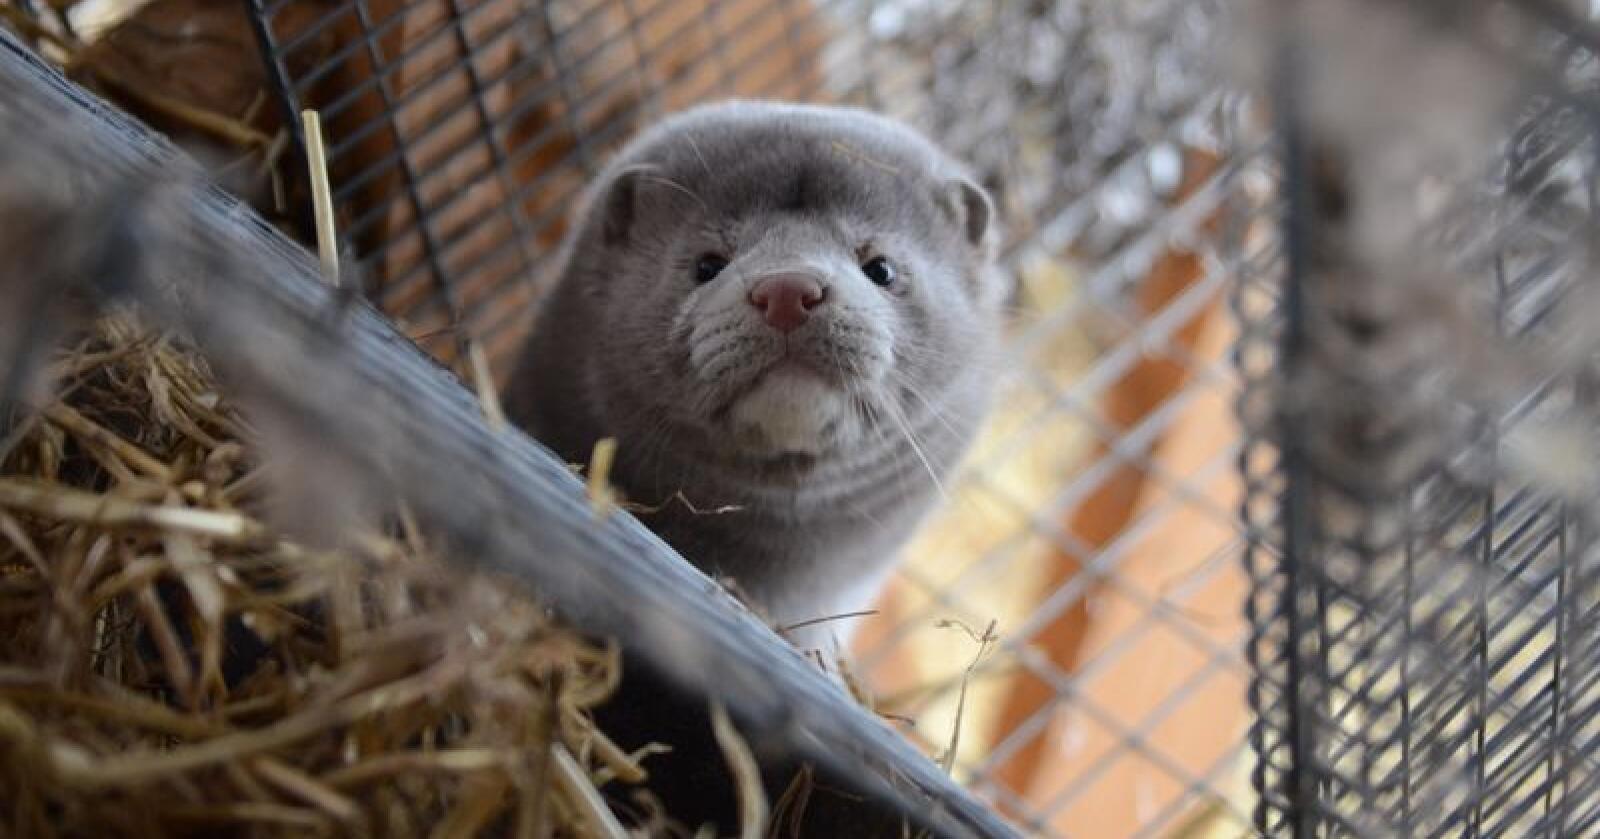 Lovforslaget om forbud mot hold av pelsdyr, har skapt sterke reaksjoner i norsk næringsliv. Foto: Liv Jorunn Denstadli Sagmo